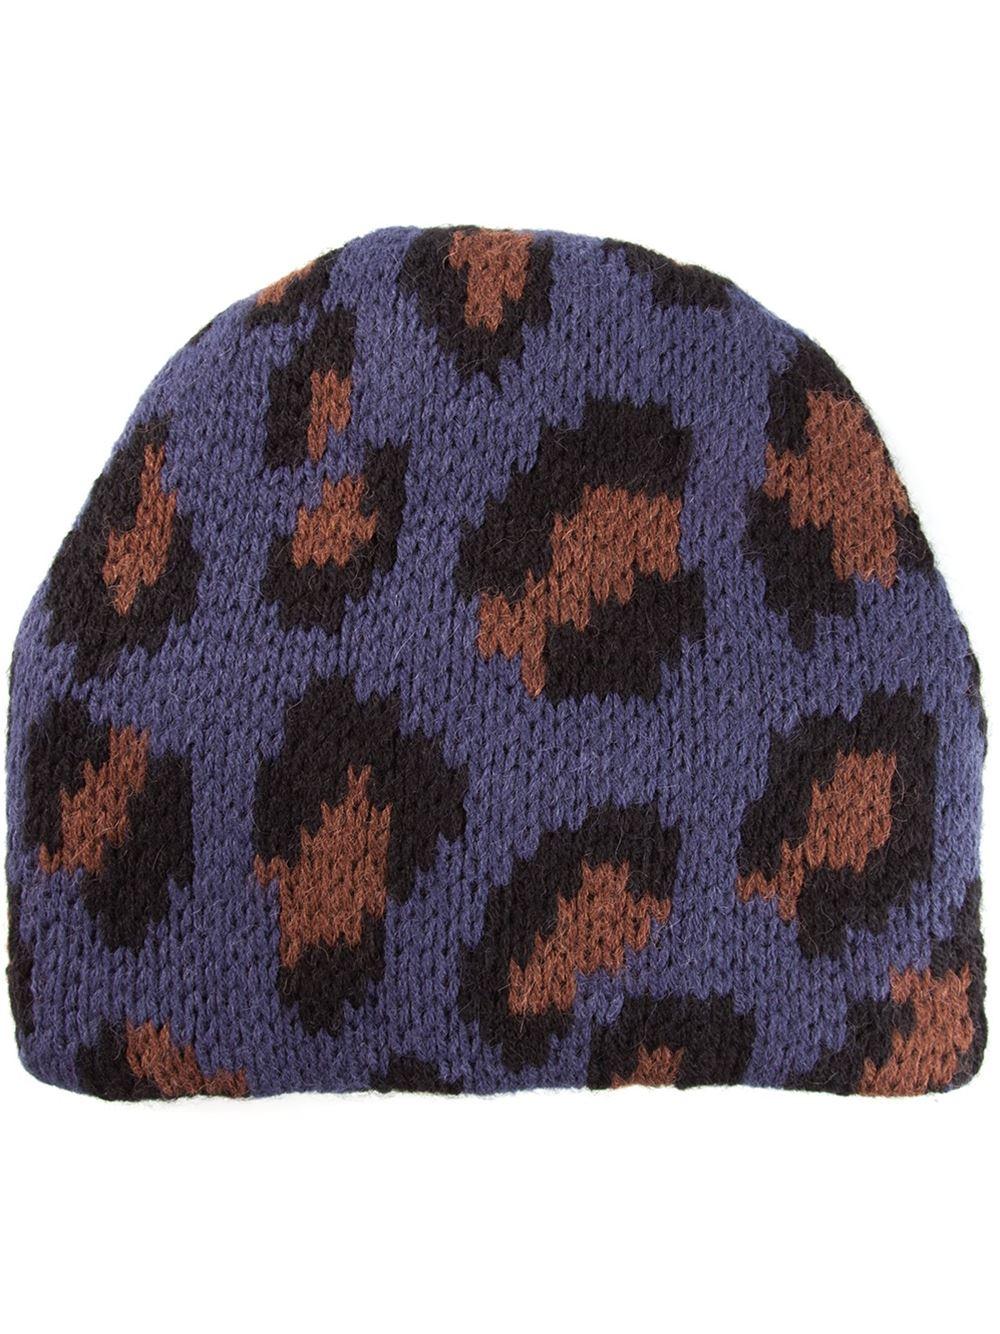 ee0406071a9 Lyst - Tak.ori Cortina Leopard Beanie Hat in Blue